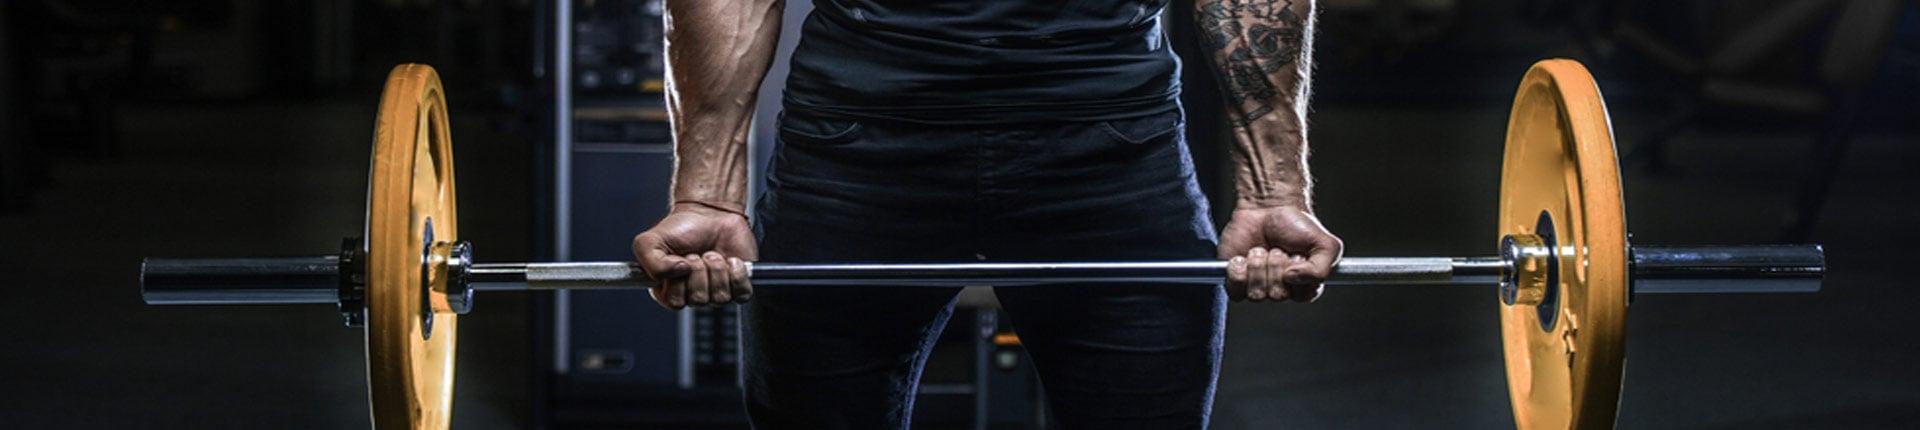 Ból łokci podczas uginania ramion ze sztangą